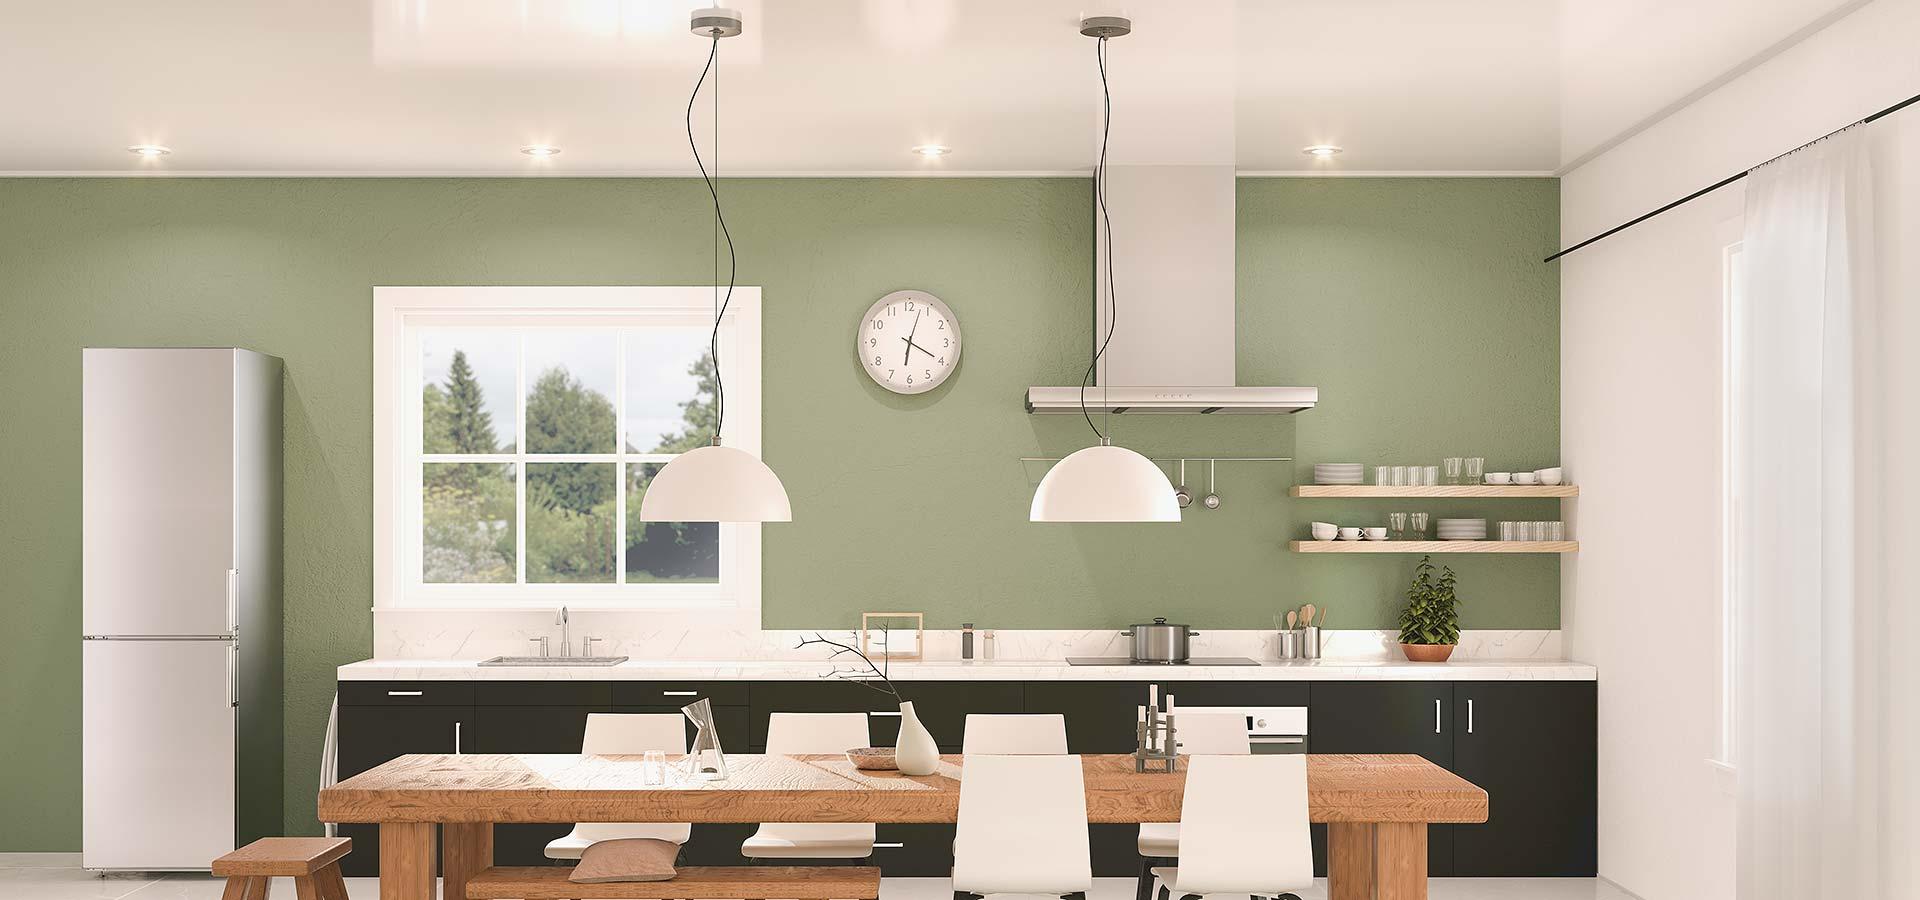 Küche Gestalten Plameco Spanndecken Siegen